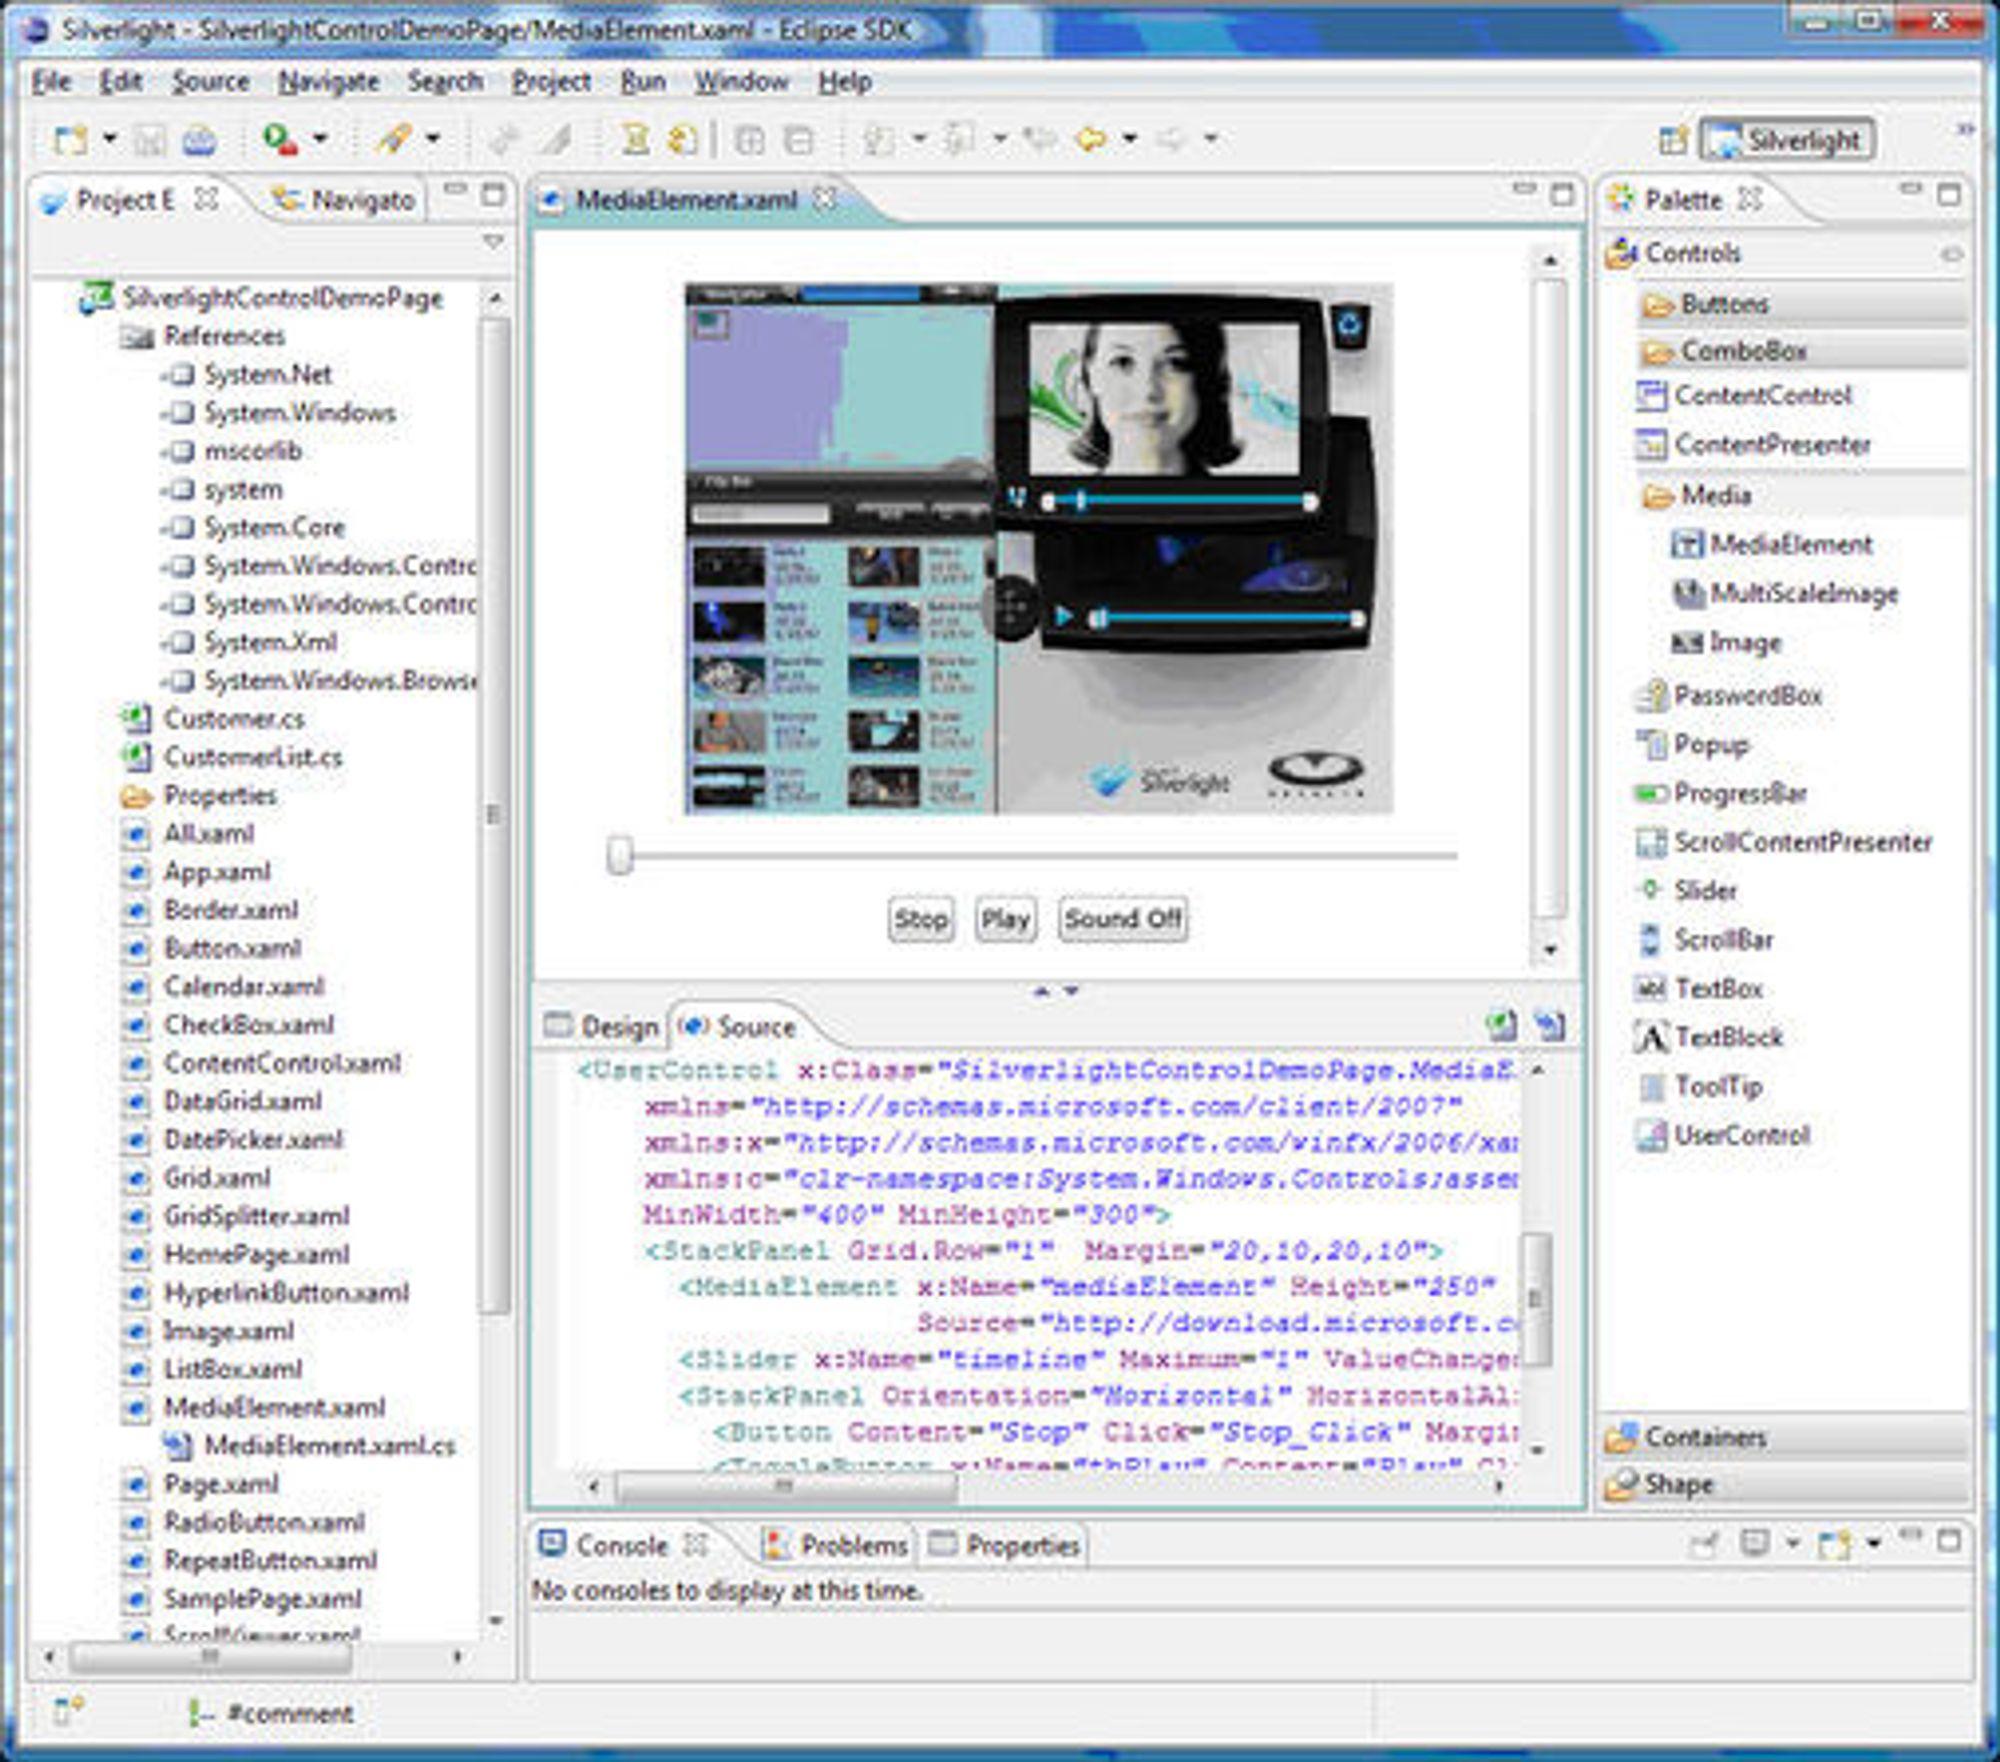 Tidlig versjon av Eclipse Tools for Microsoft Silverlight.